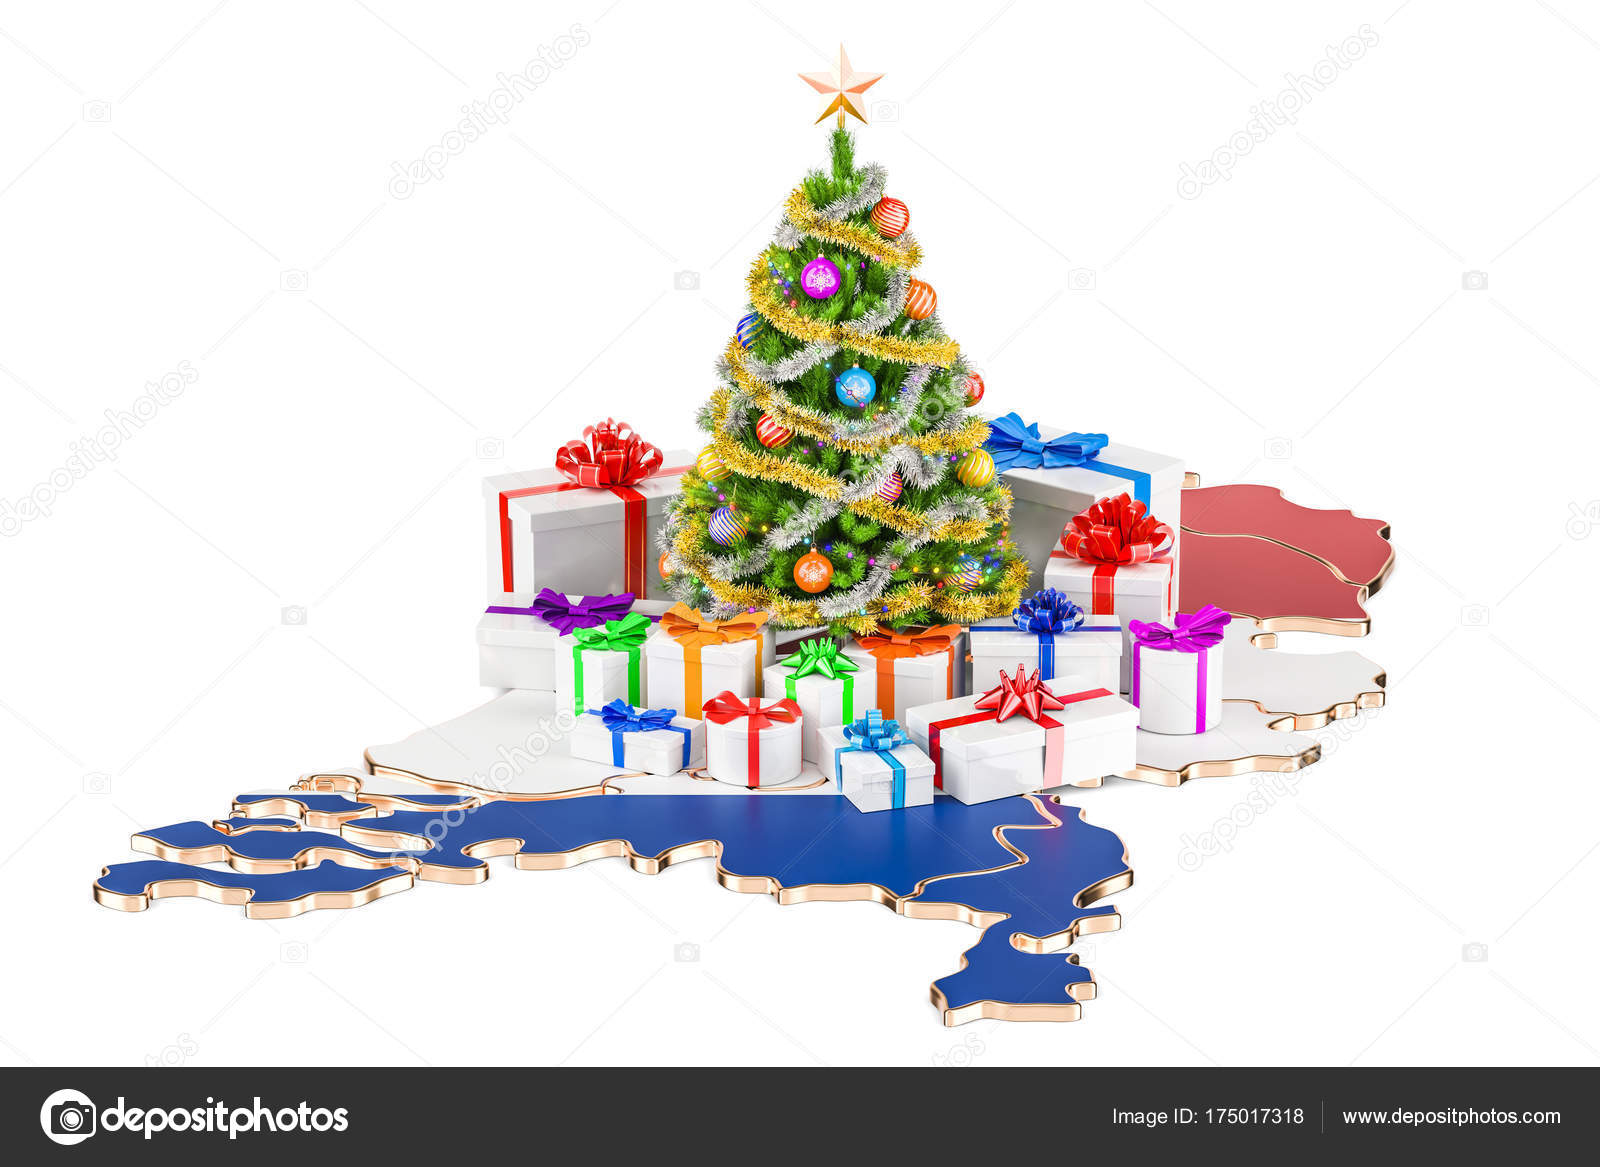 Weihnachten und Neujahr Urlaub in Niederlande-Konzept. 3D rende ...